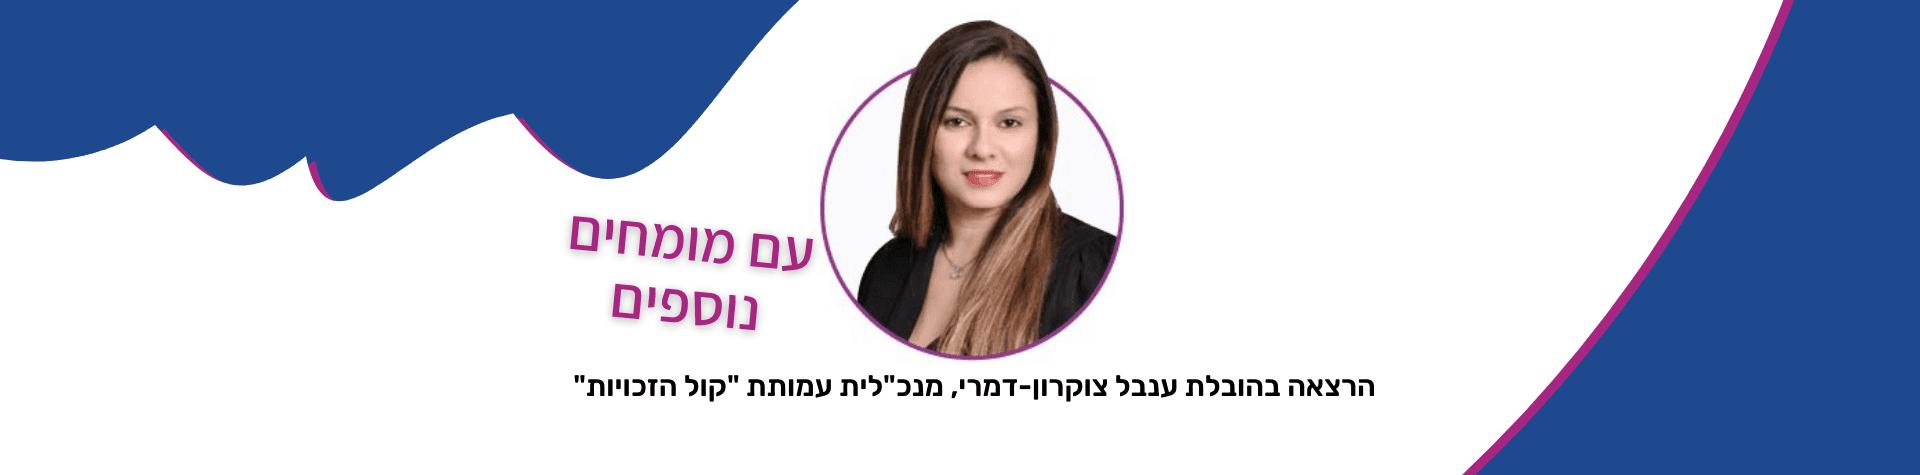 ענבל צוקרון-דמרי מנכלית עמותת קול הזכויות עם מומחים נוספים